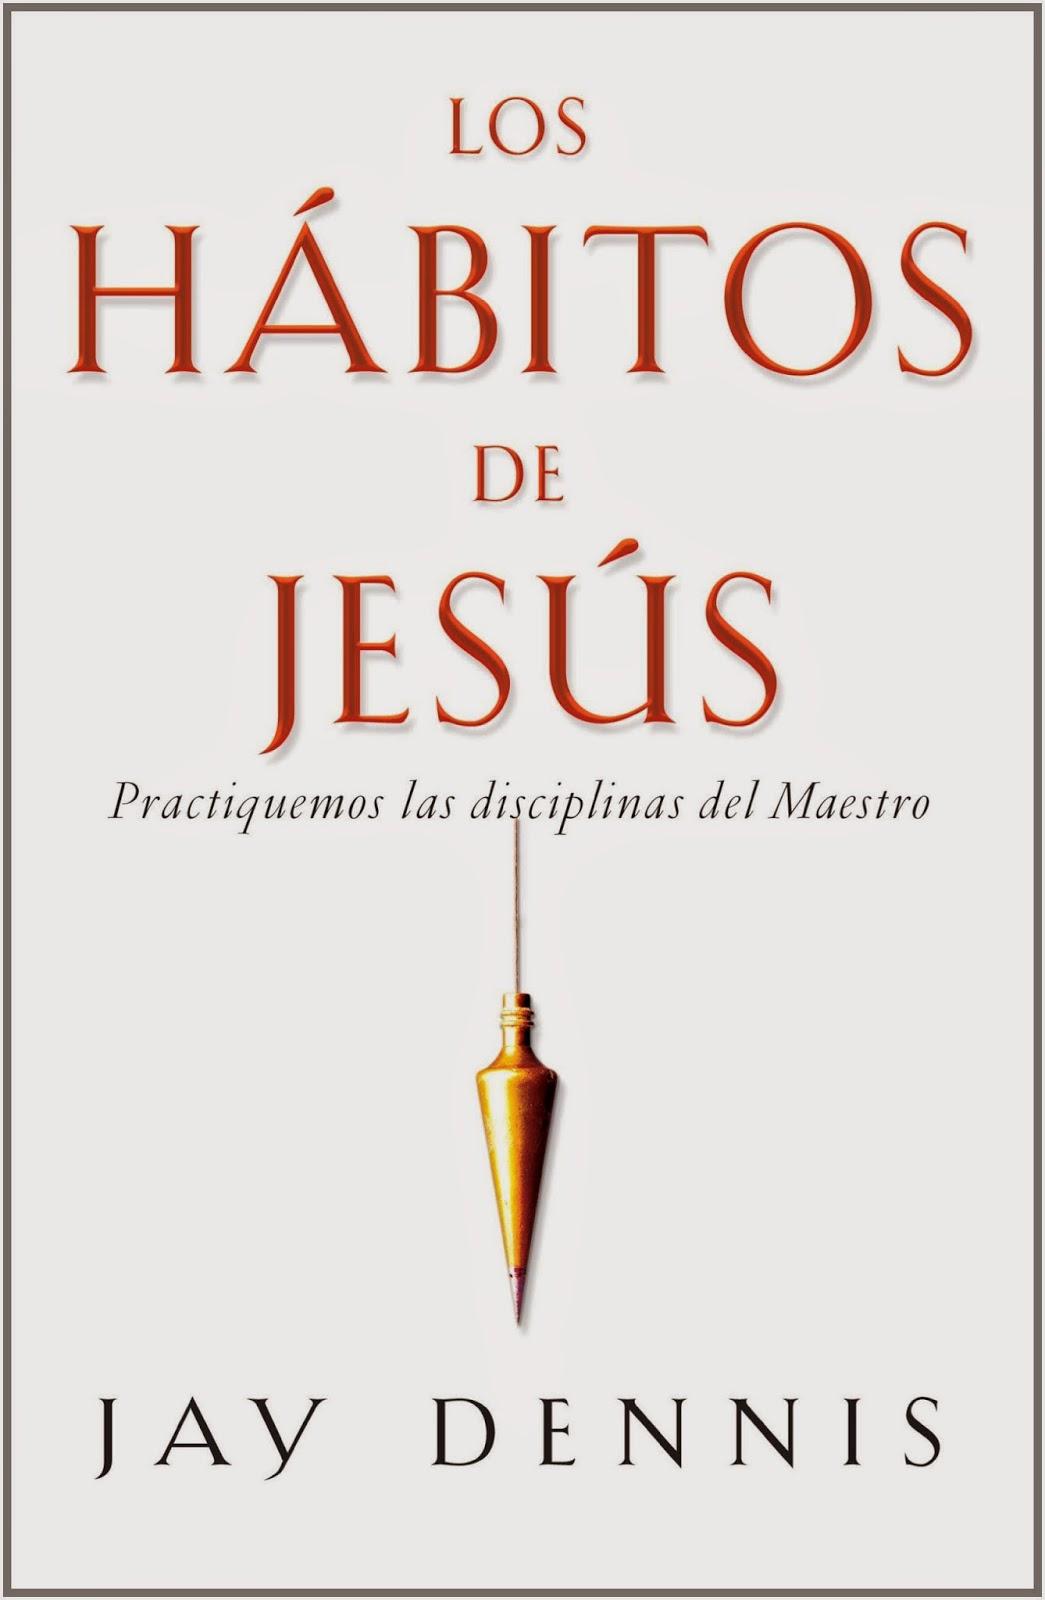 Jay Dennis-Los Hábitos De Jesús-